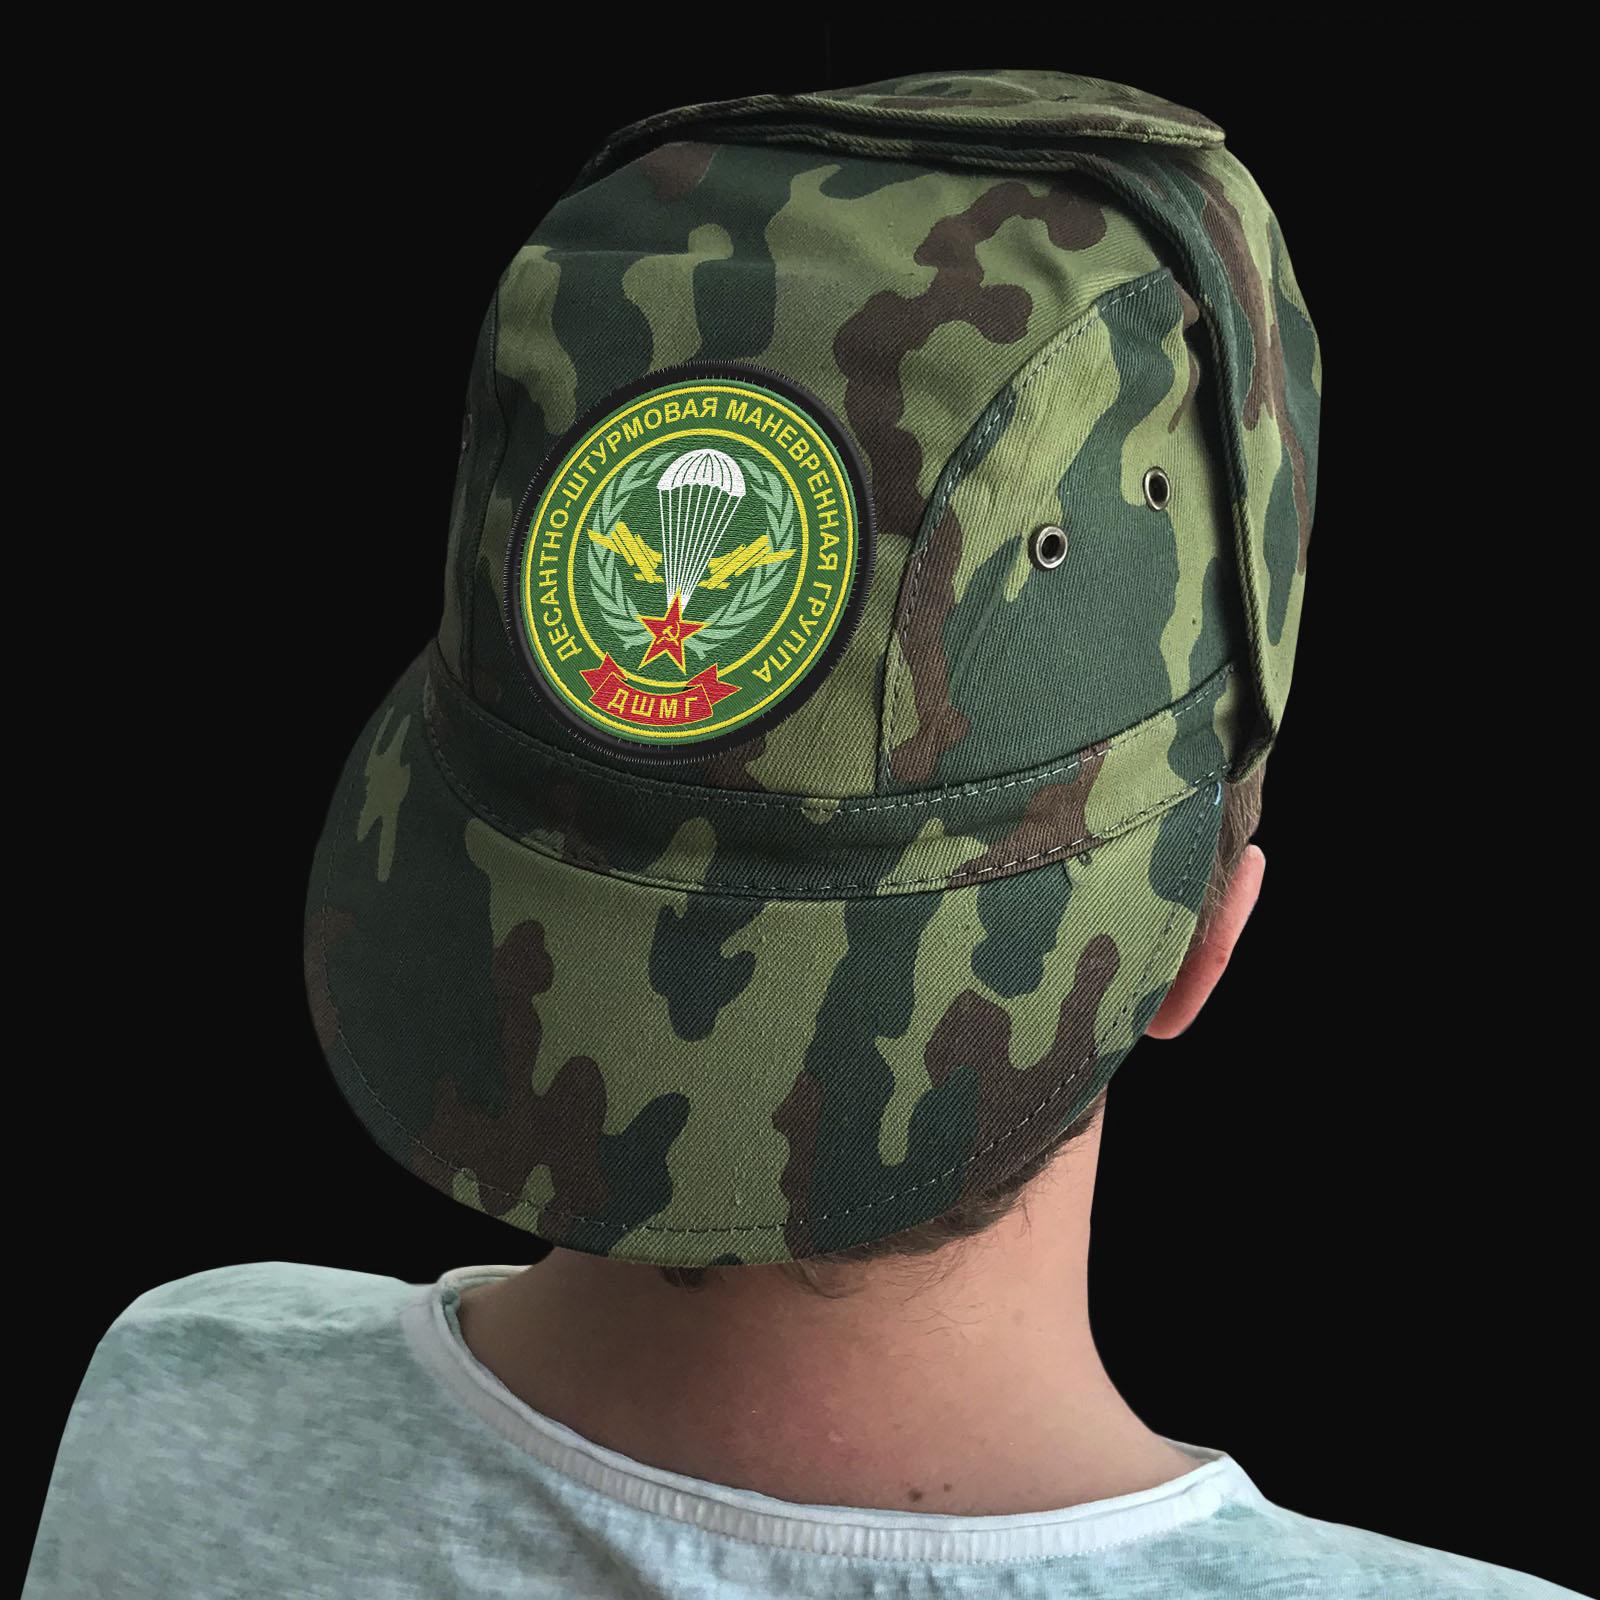 Милитари кепки с символикой Десантно-Штурмовой Маневренной Группы